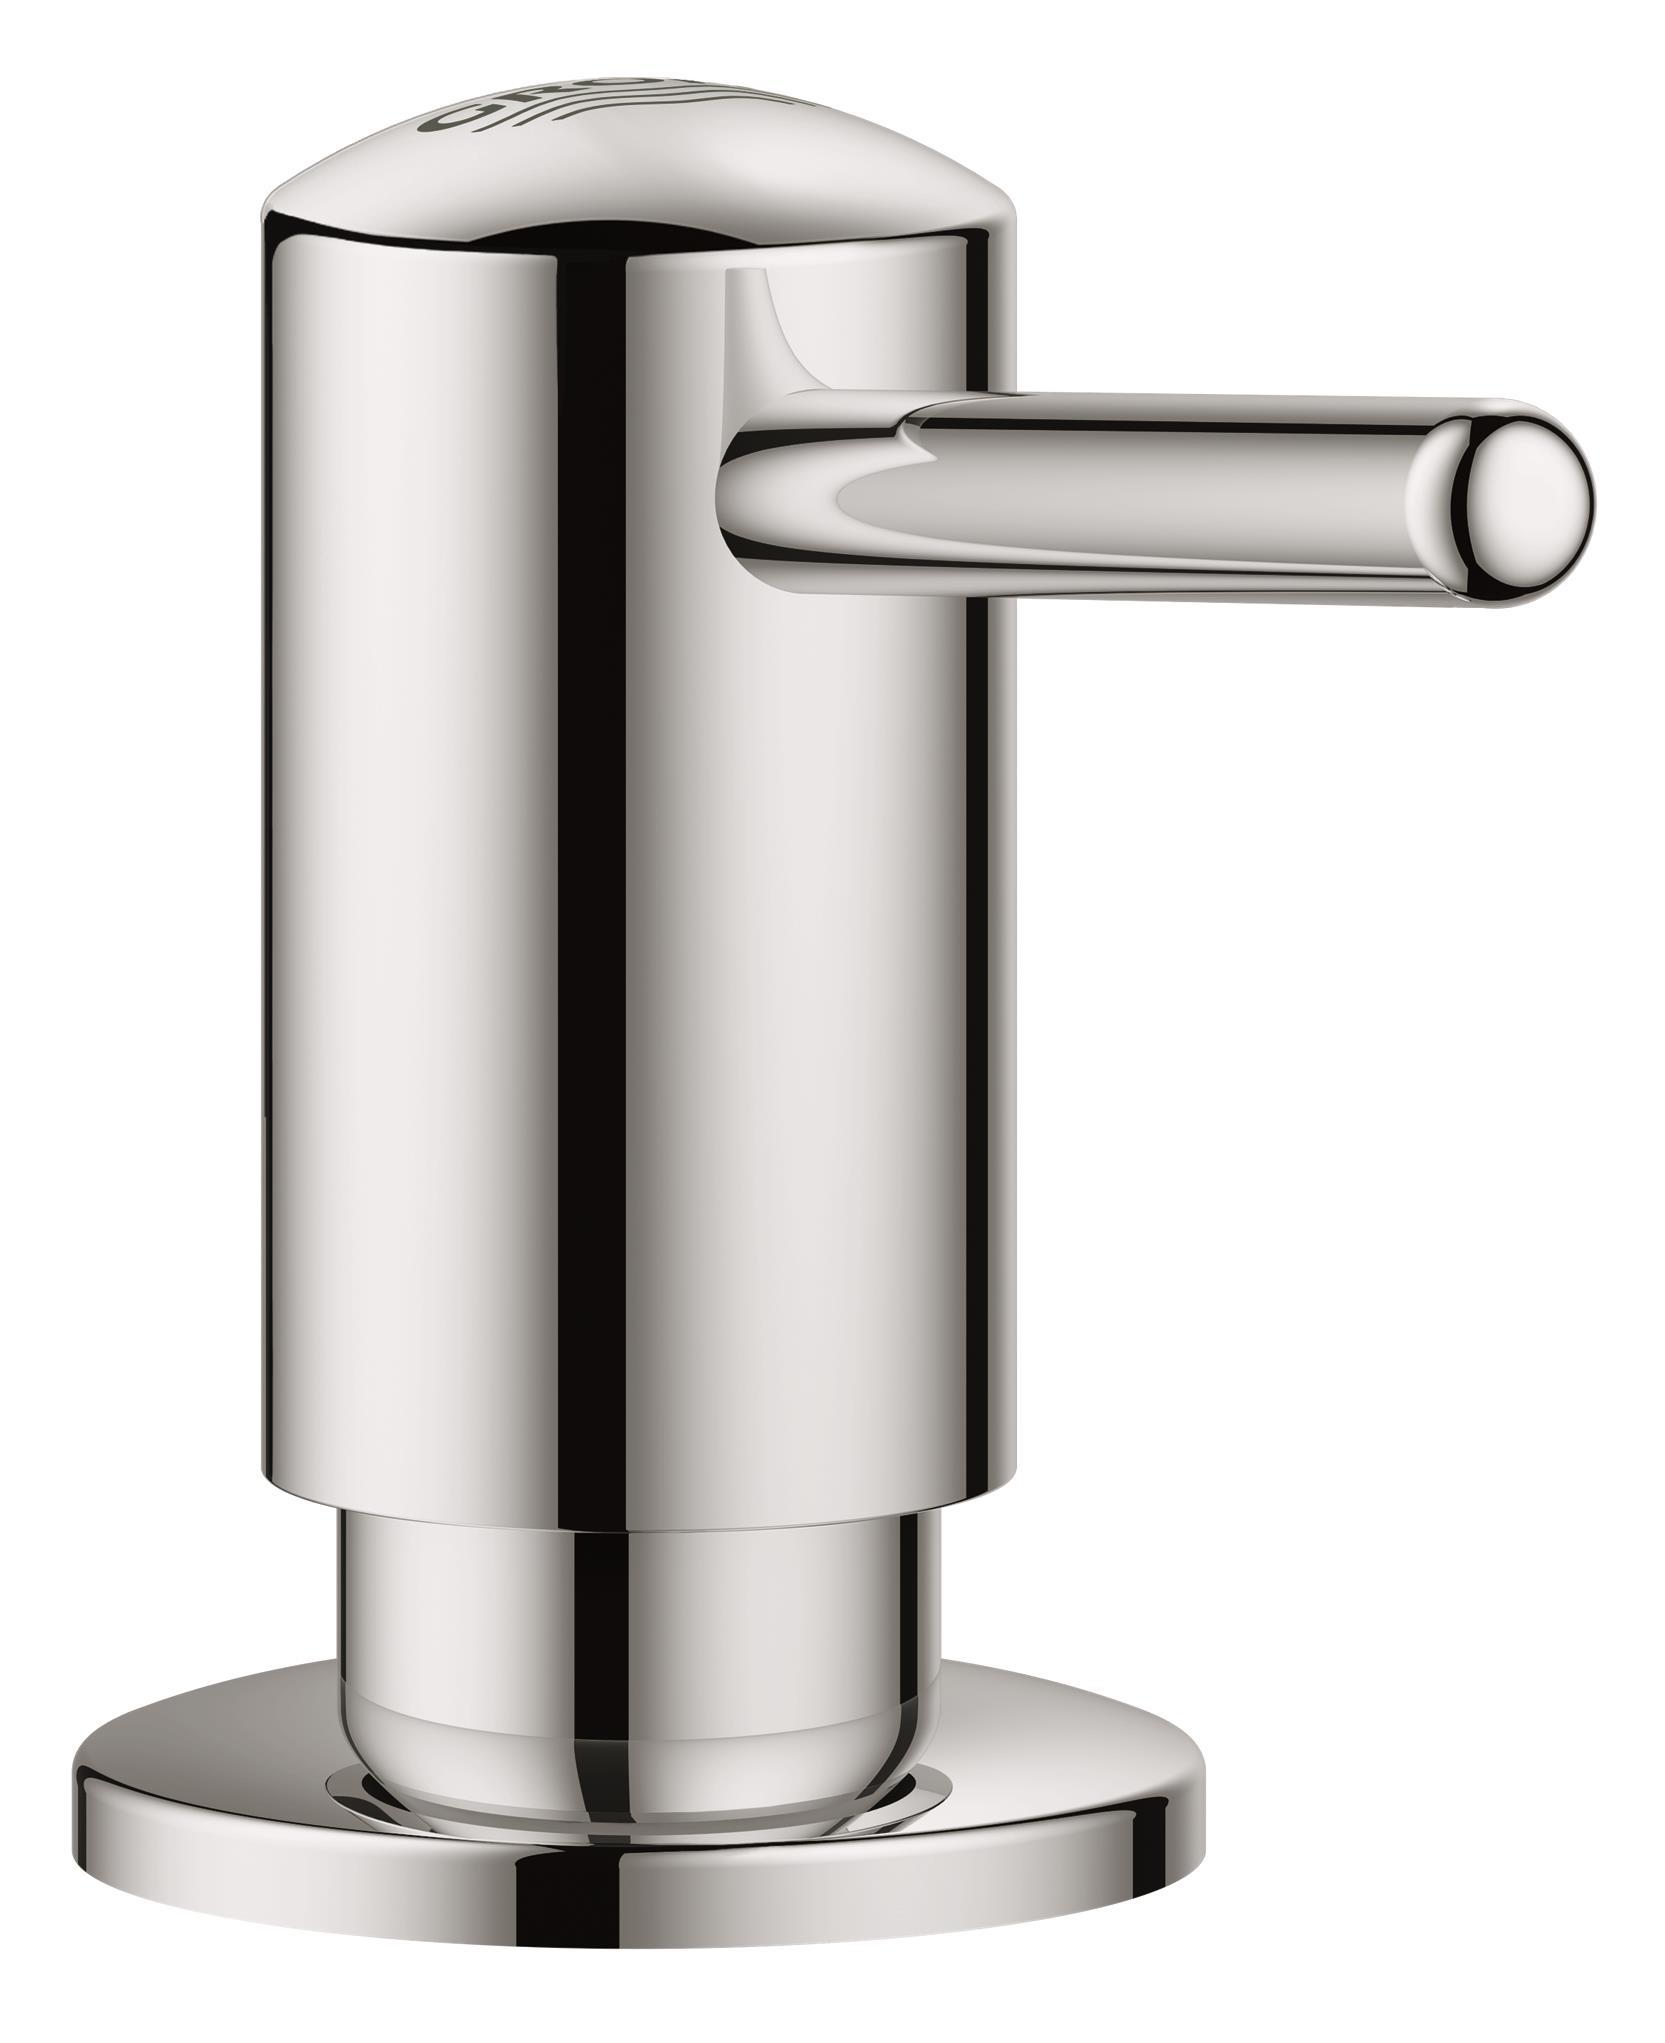 Для жидкого мыла, Запасная емкость 0,4 л GROHE StarLight хромированная поверхность